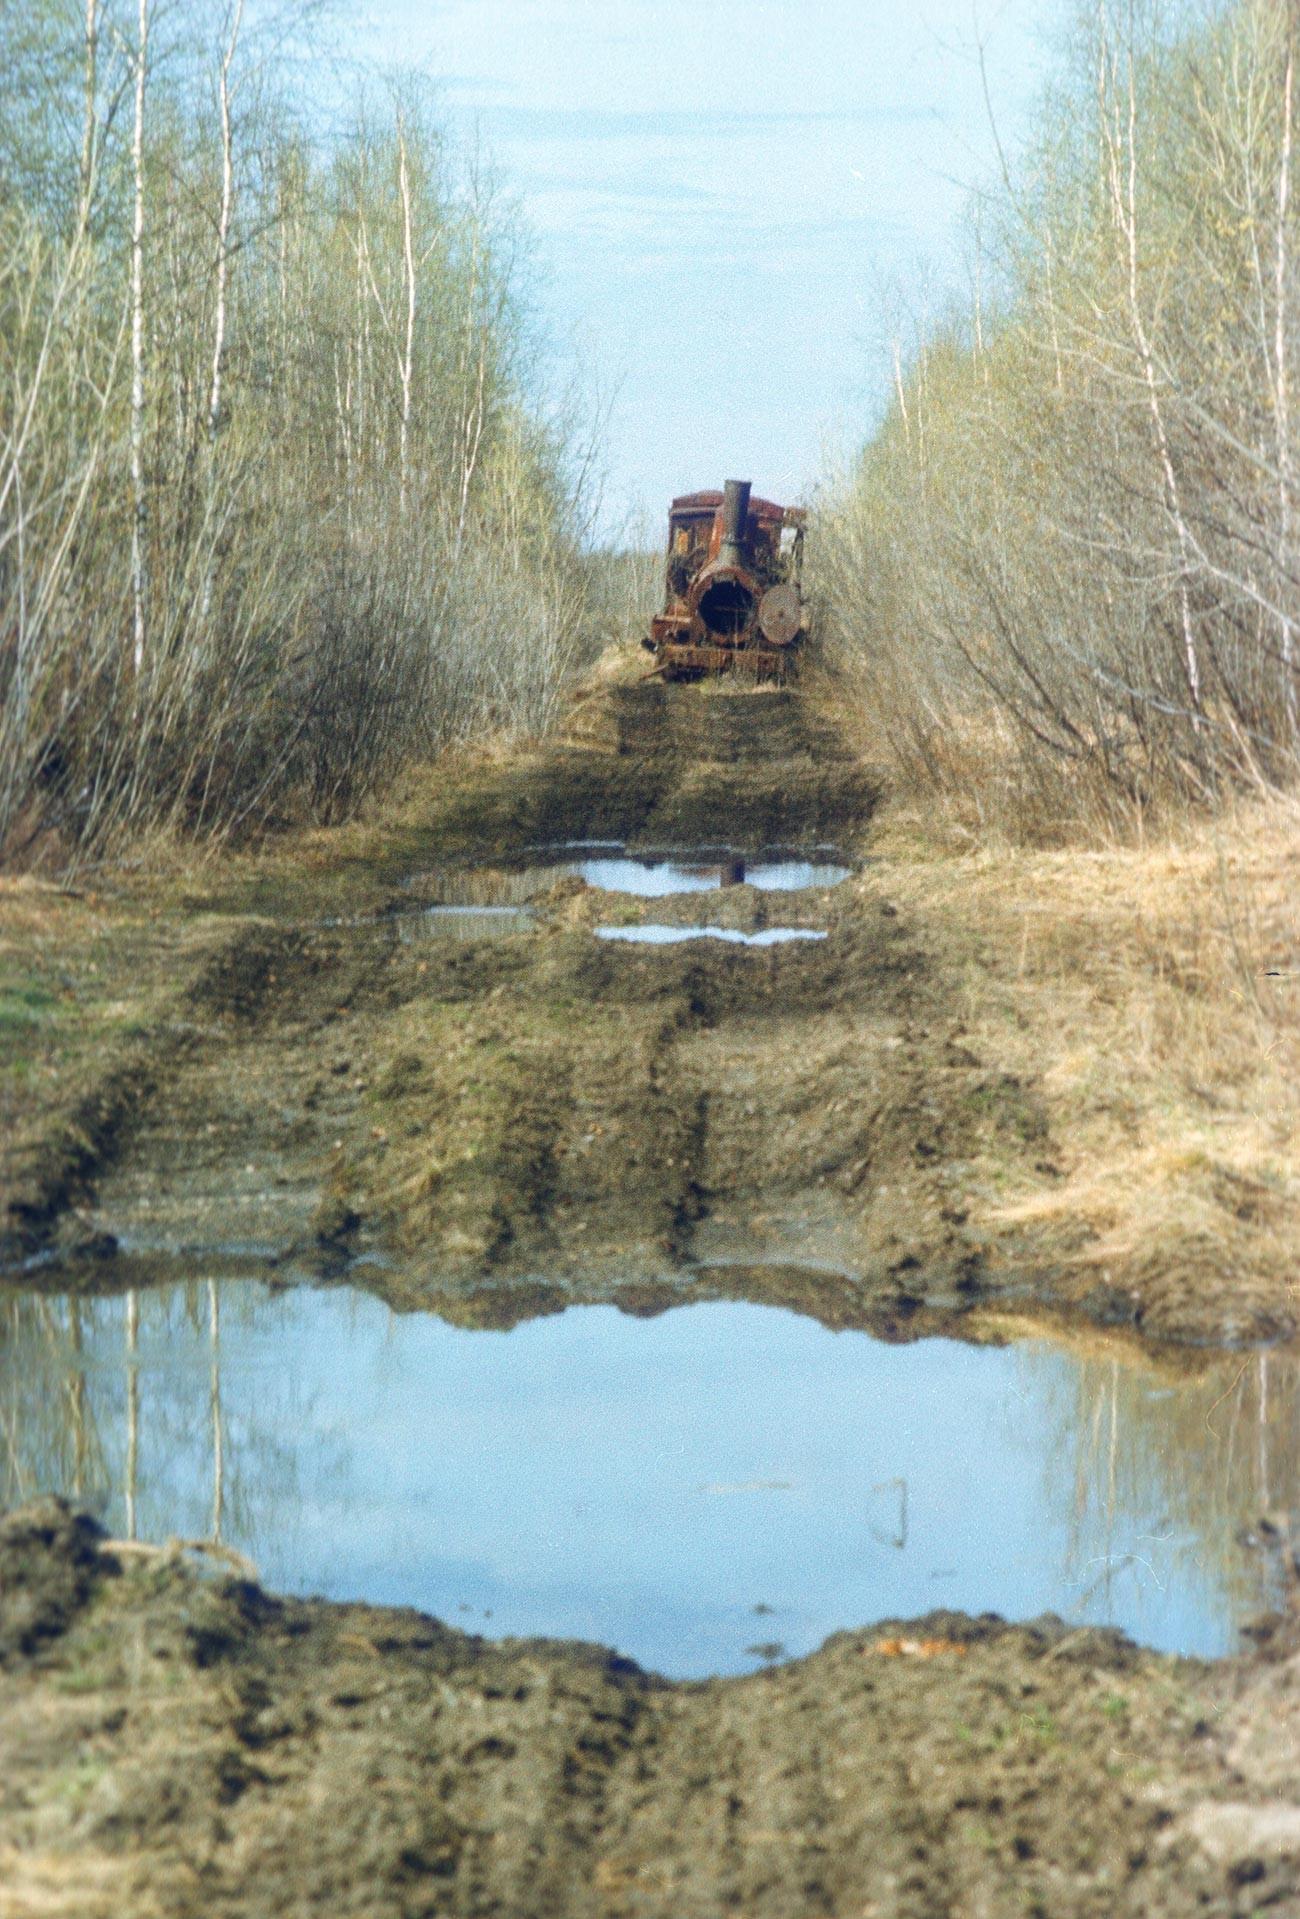 Campamentos, motores, puentes y otras cosas fueron abandonados en la tundra